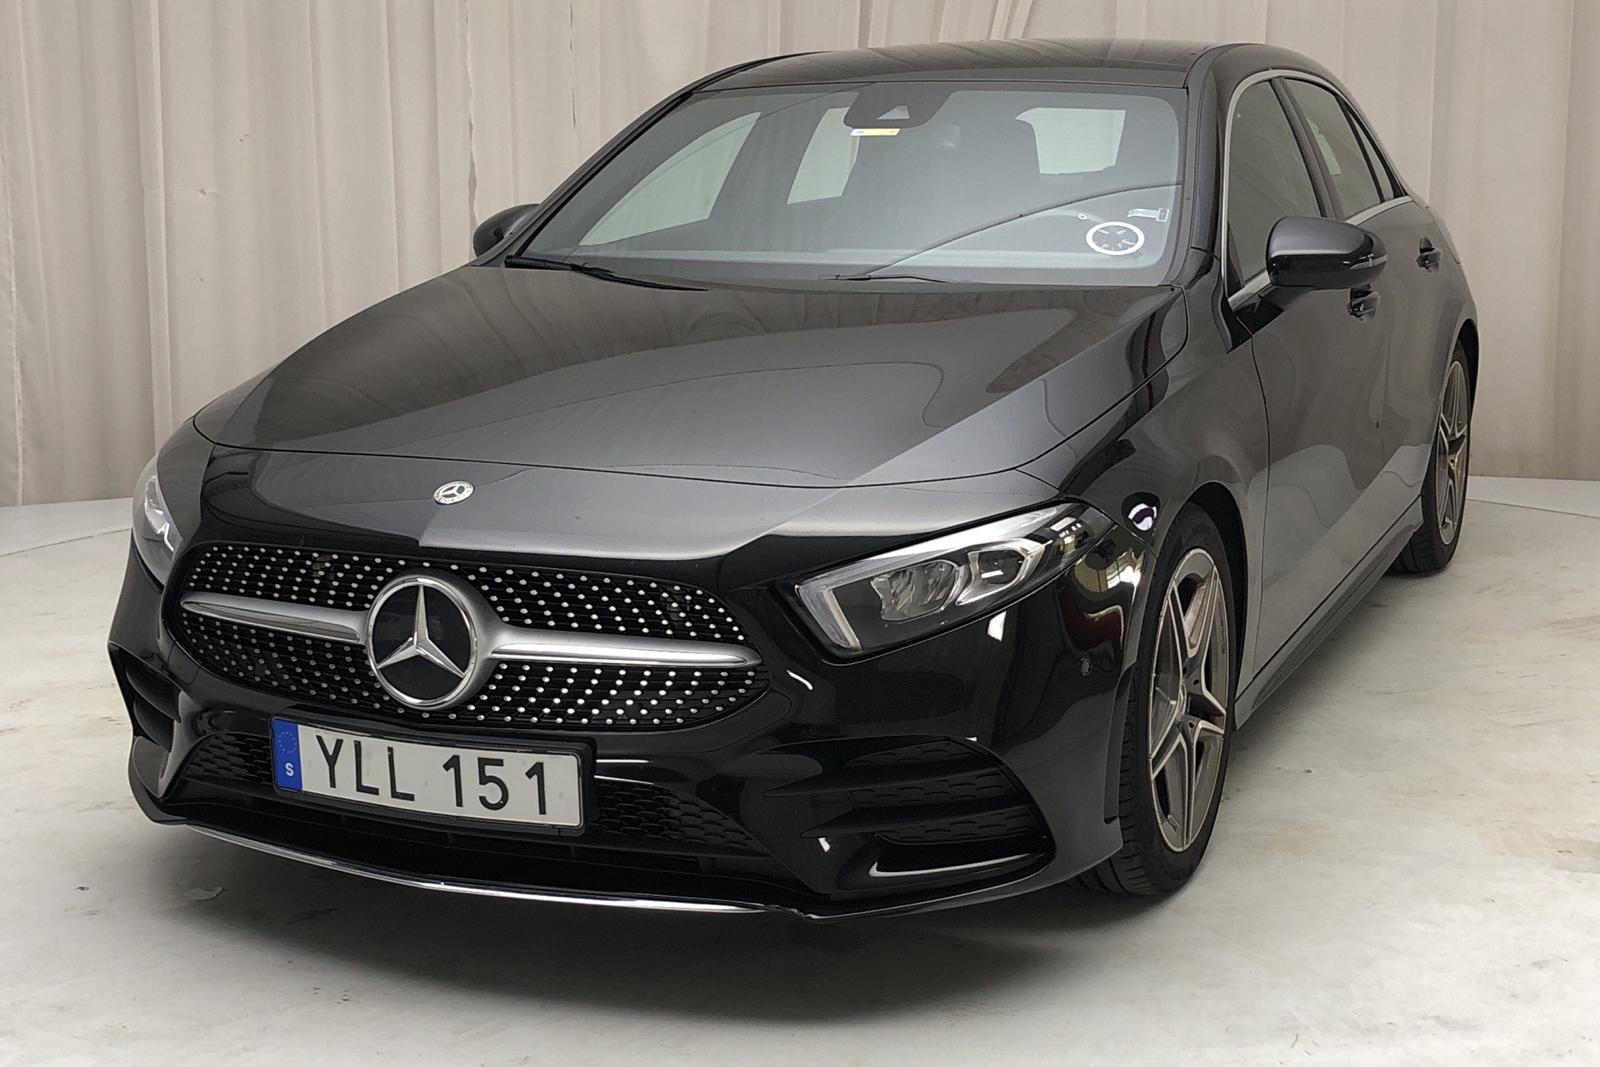 Mercedes A 180 d 5dr W177 (116hk) - 0 km - black - 2018